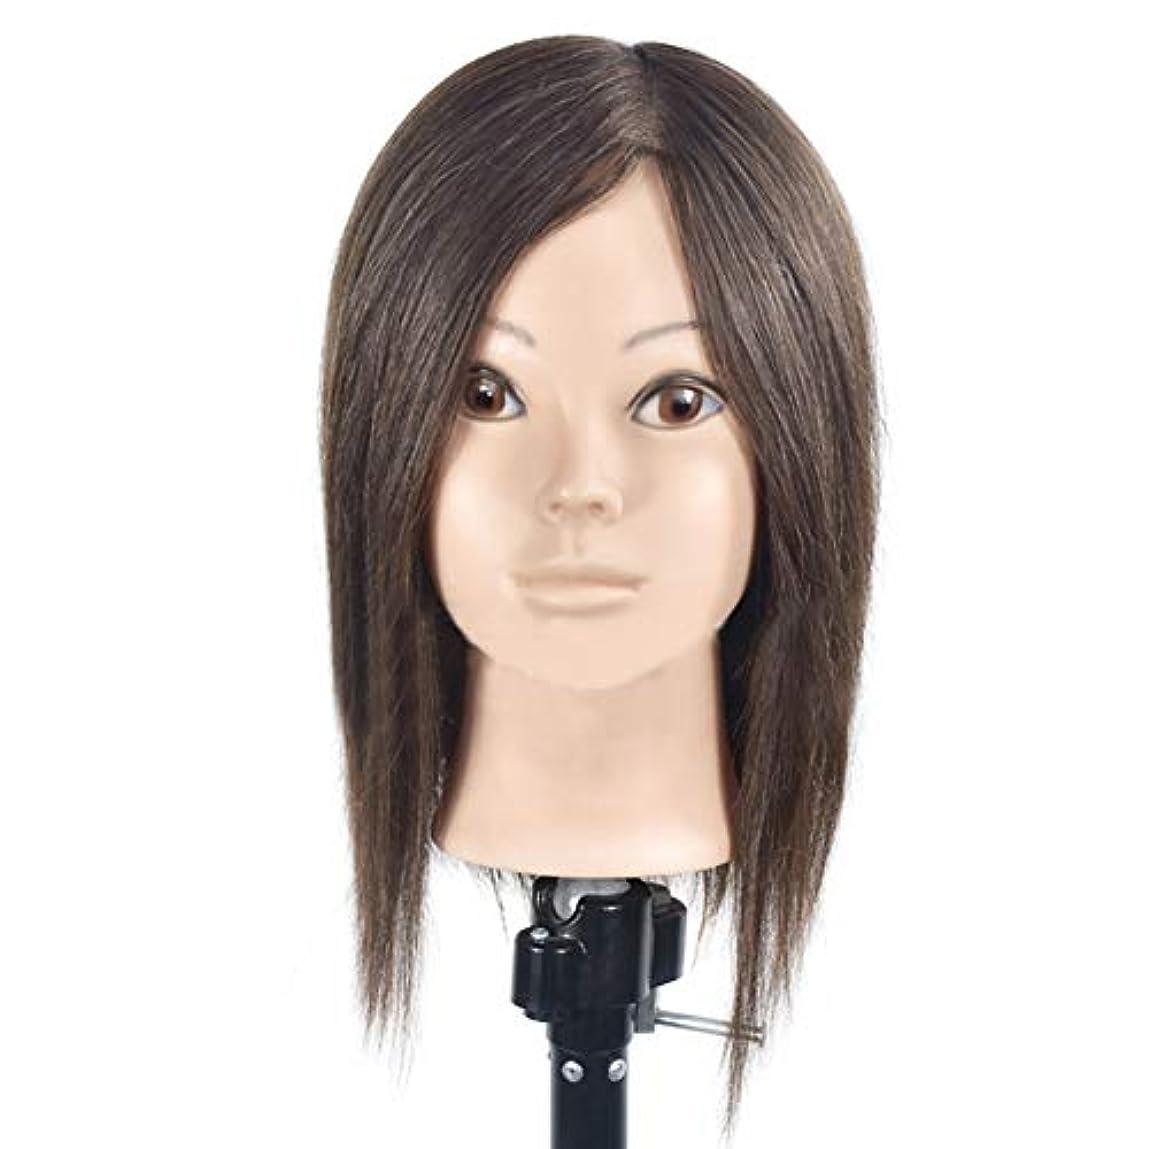 春行政数学的な本物の人間の髪のかつらの頭の金型の理髪の髪型のスタイリングマネキンの頭の理髪店の練習の練習ダミーヘッド